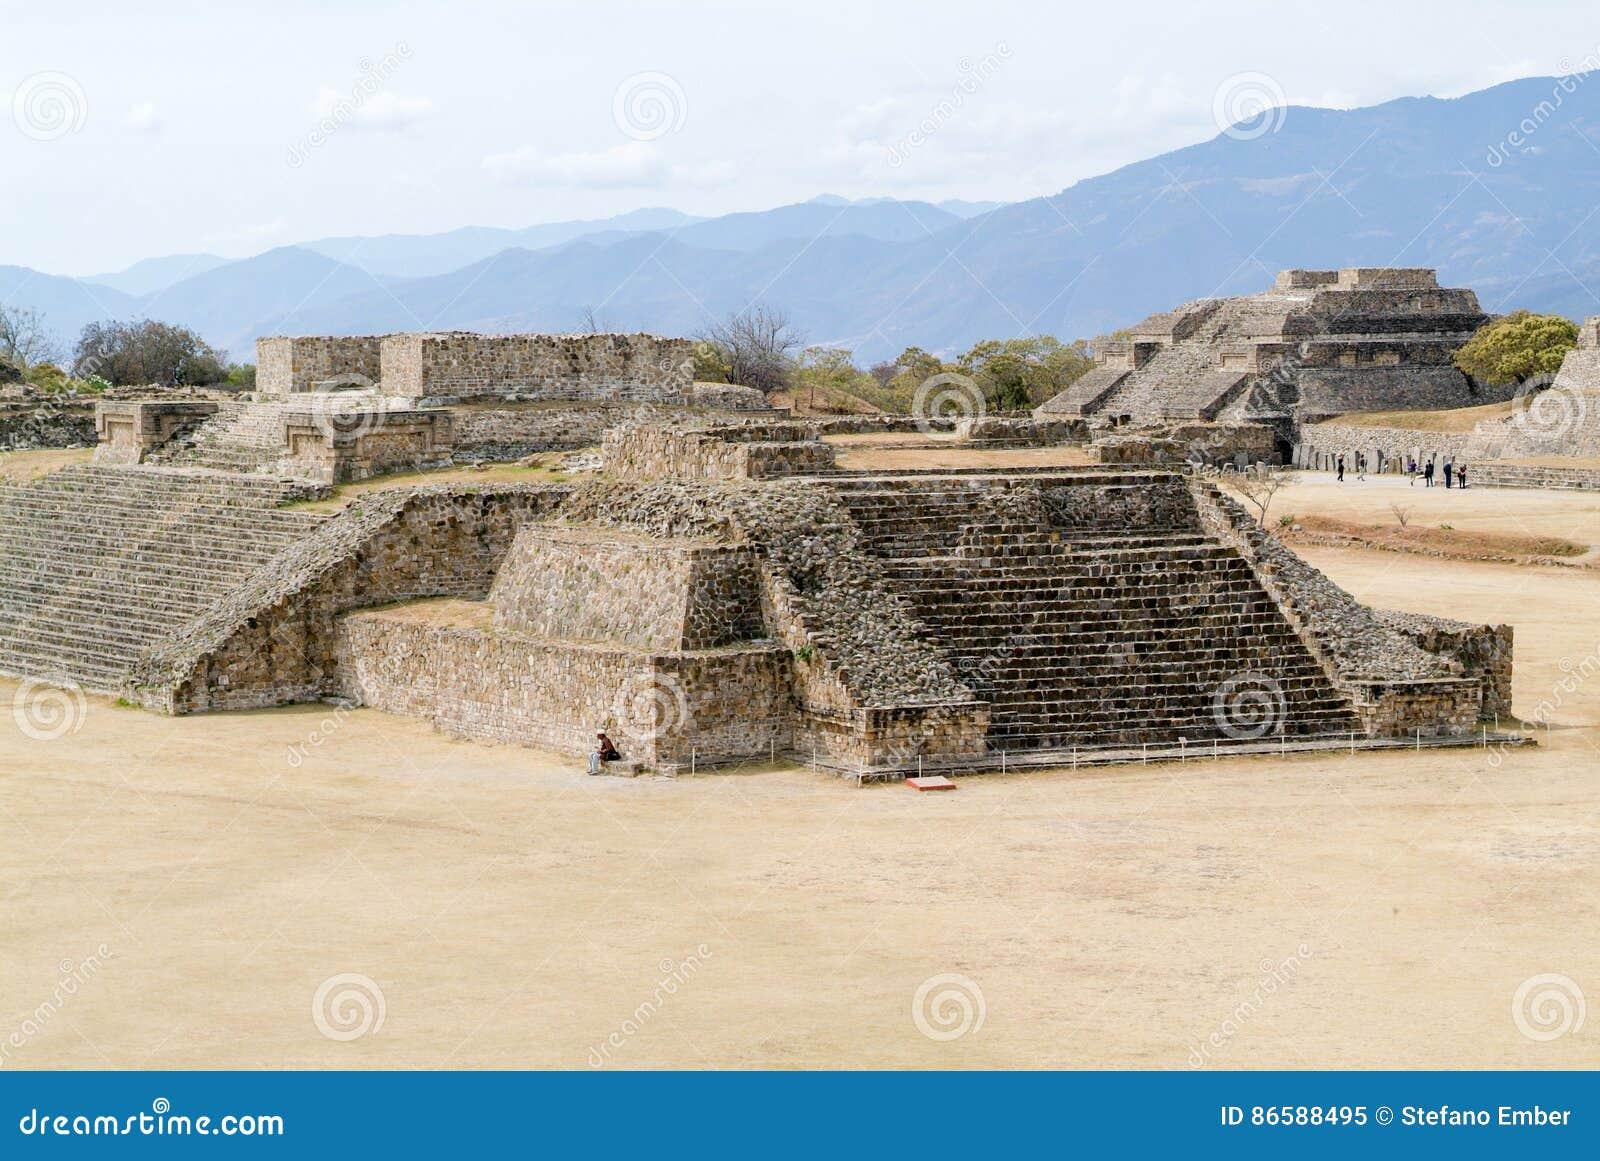 Ruinas mayas de la ciudad en Monte Alban cerca de la ciudad de Oaxaca